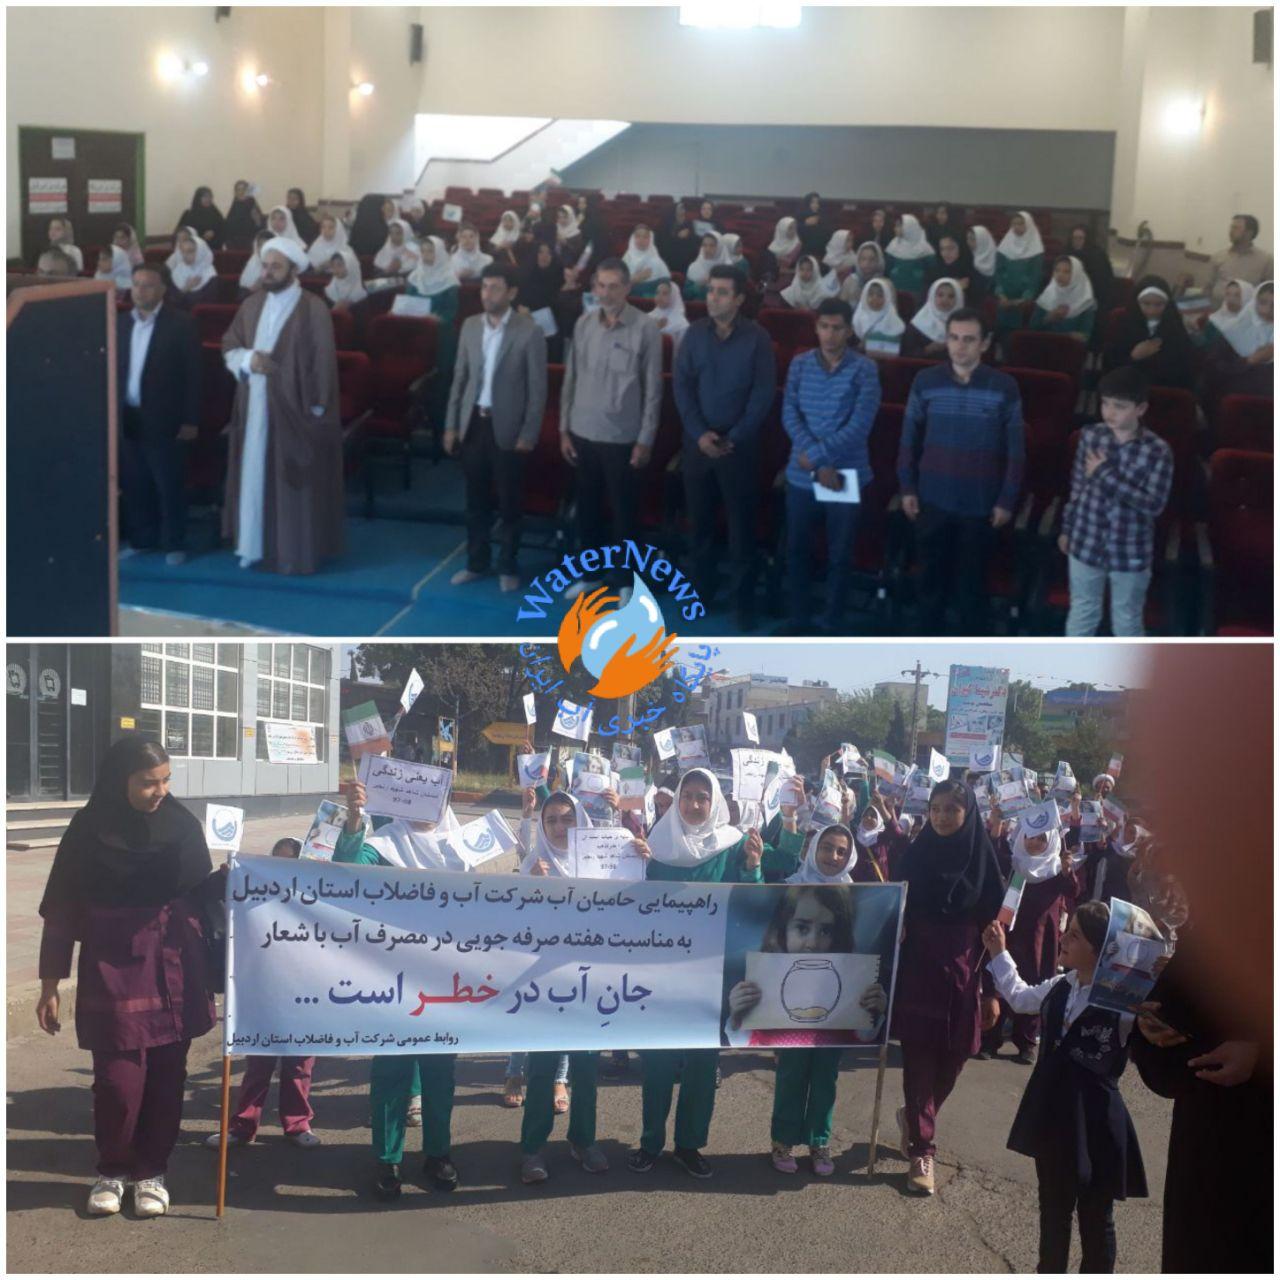 راهپیمایی حامیان آب شركت آب و فاضلاب استان اردبیل